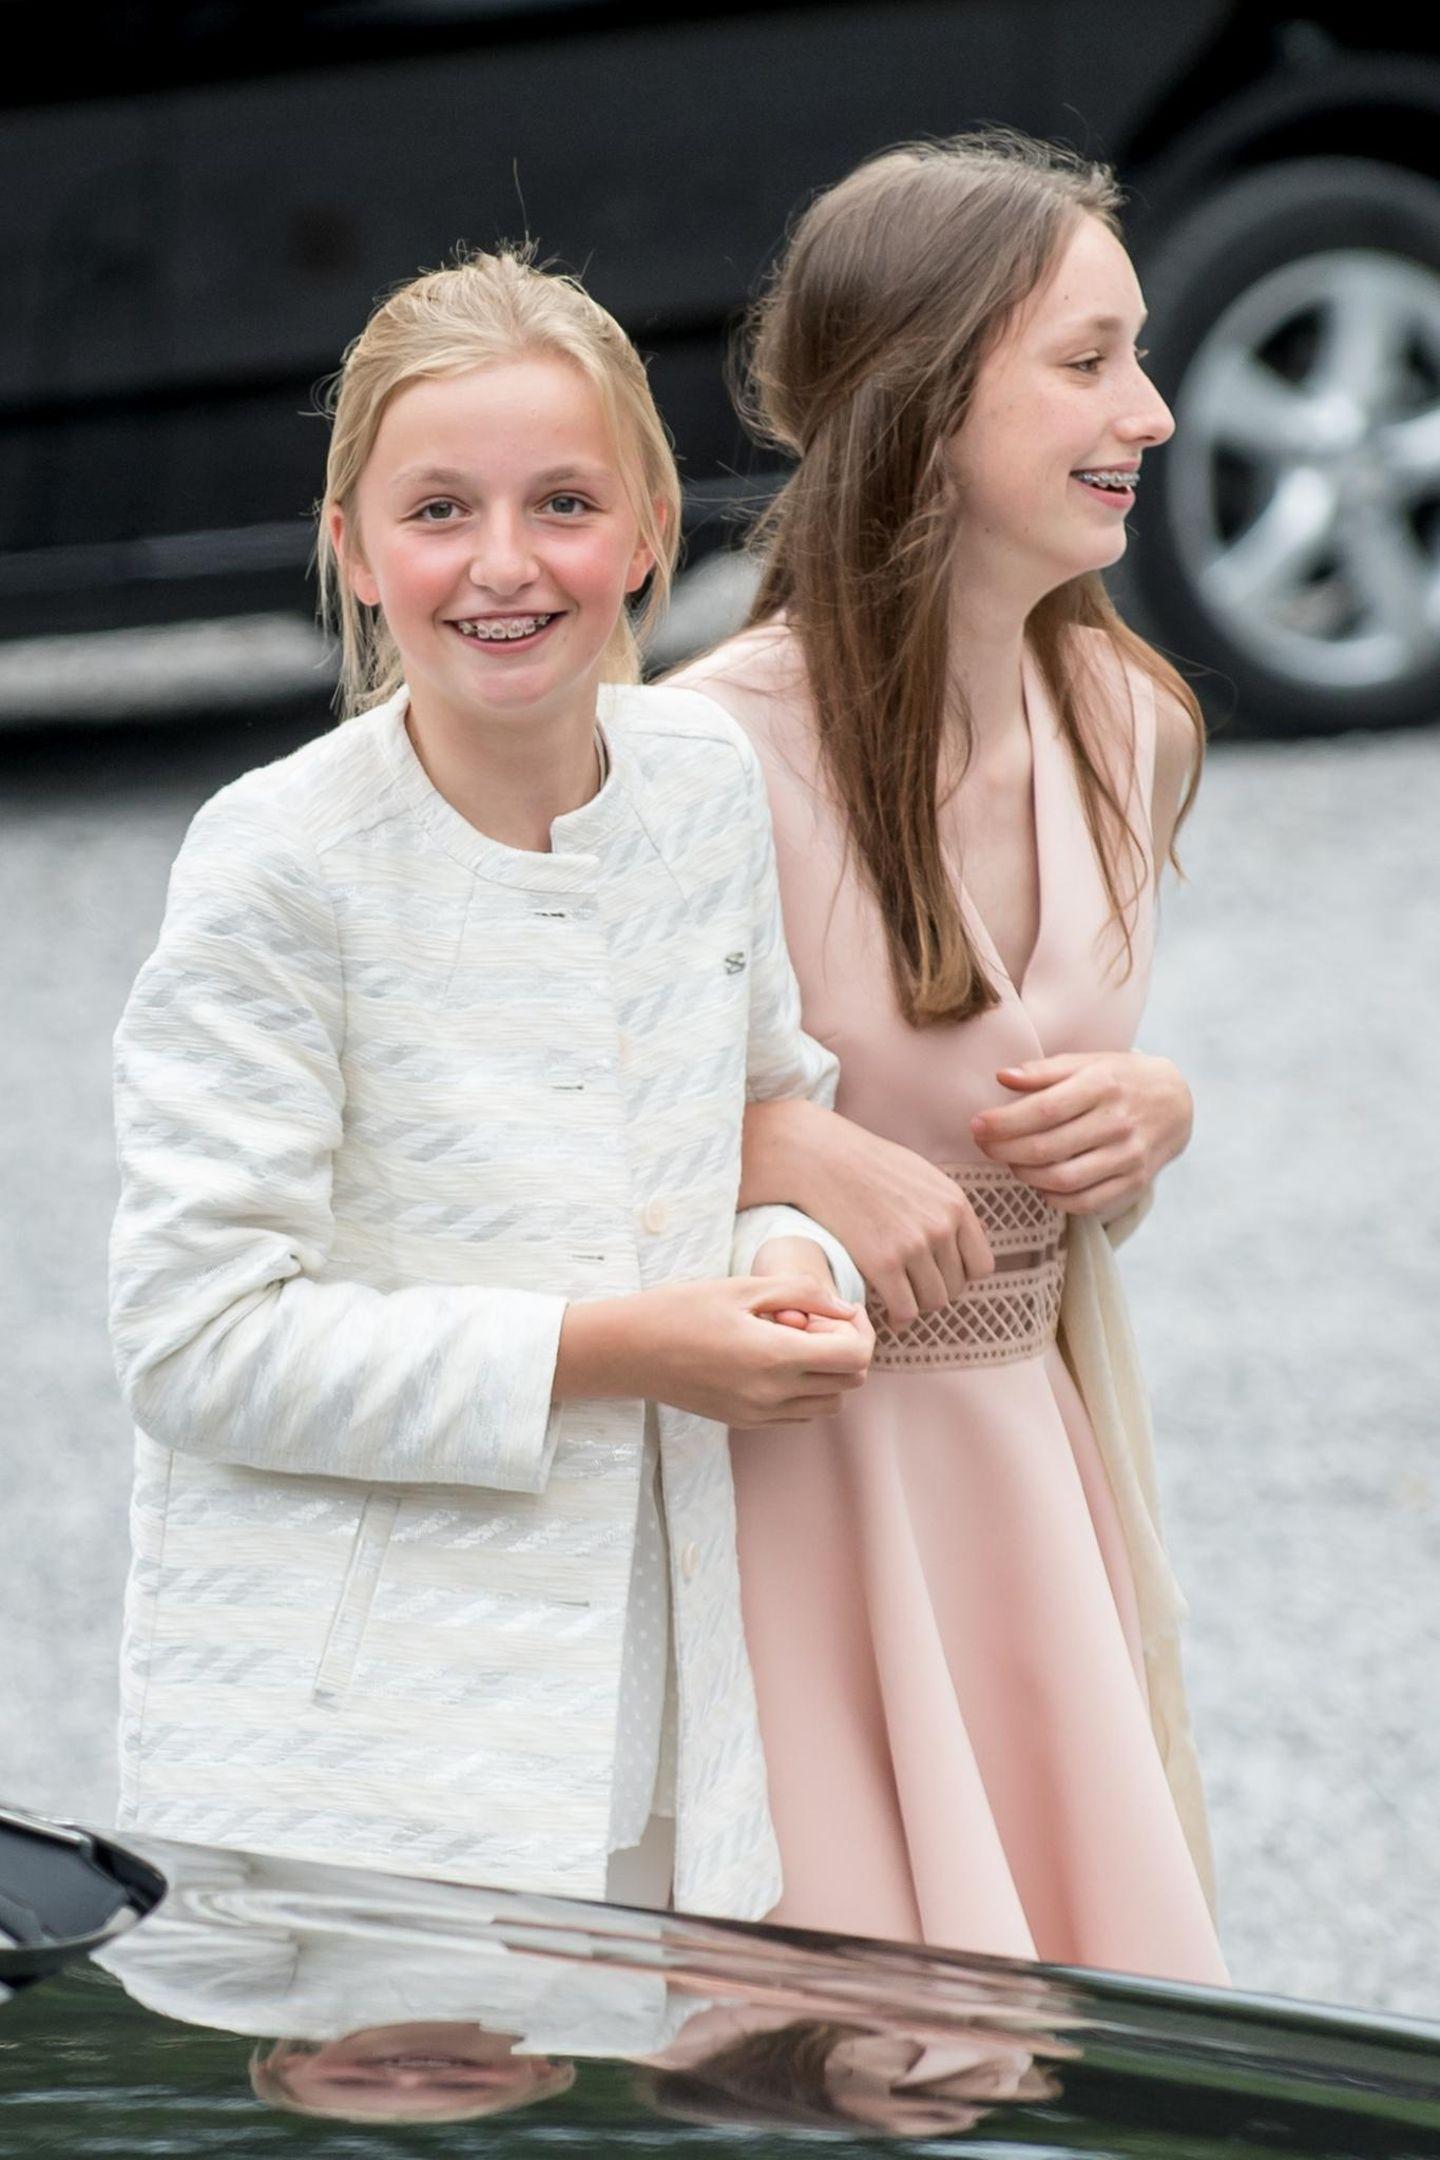 Nach der royalen Gastgeberin trudelt langsam die komplette Königsfamilie ein und ist bestens gelaunt. Prinzessin Louise und Prinzessin Laetitia Maria freuen sich sehr auf die Feier ihrer Großmutter, die sich in den 1960er-Jahren als Party-Prinzessin einen Namen machte.